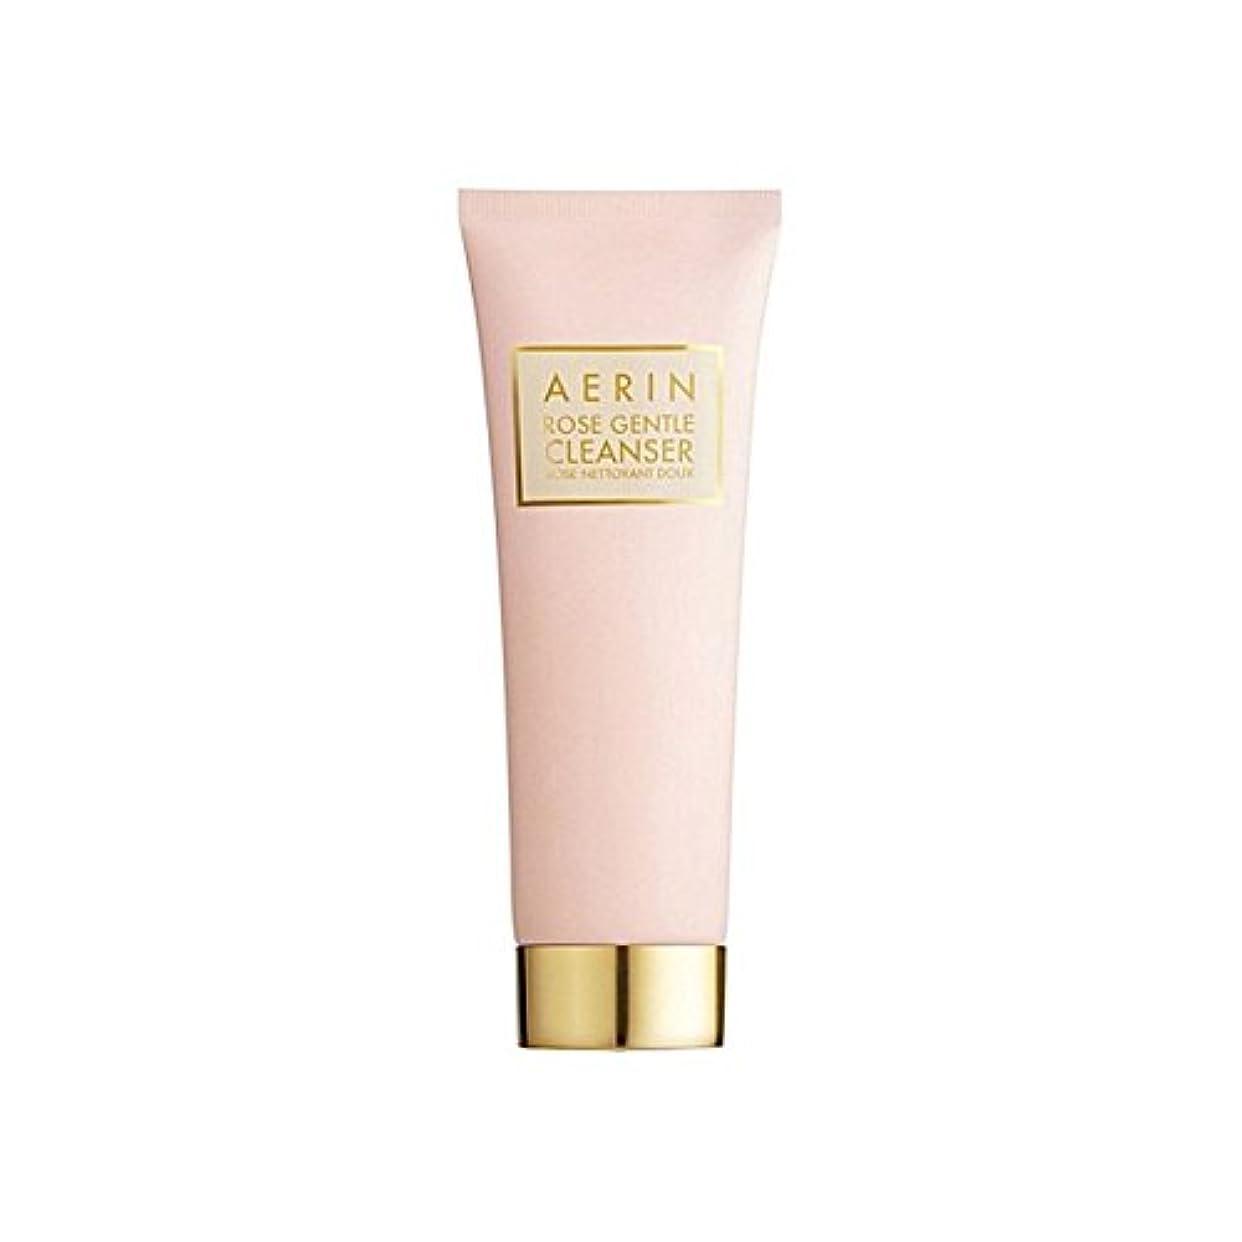 戻る主張表向きAerin Rose Gentle Cleanser 125ml (Pack of 6) - はジェントルクレンザーの125ミリリットルをバラ x6 [並行輸入品]